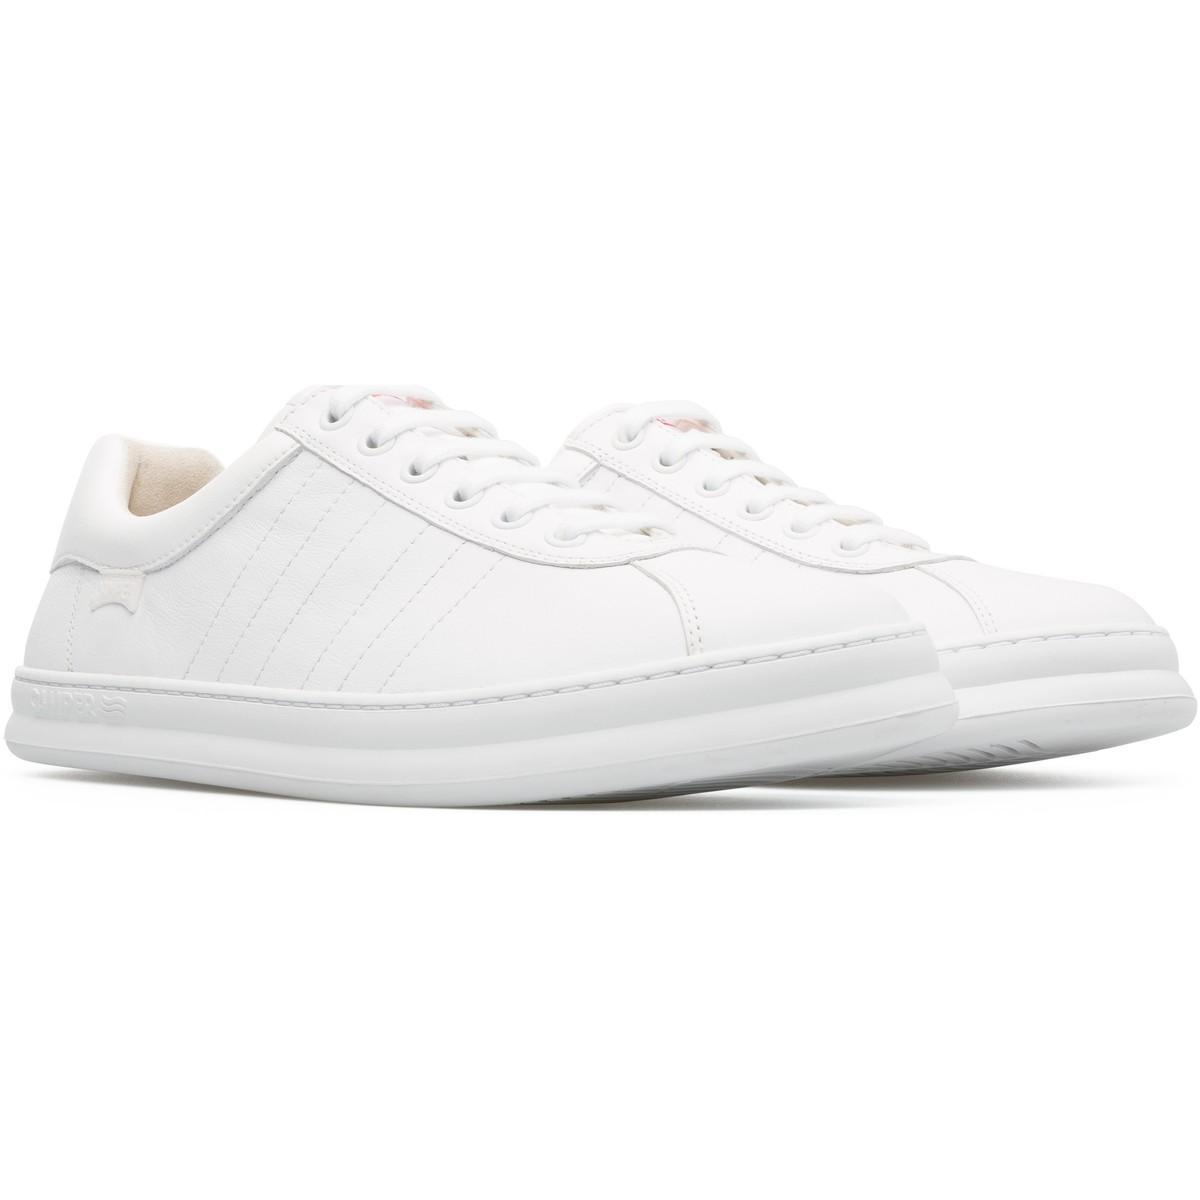 Runner K100227-004 hommes Chaussures en blanc Camper pour homme en coloris Blanc - 35 % de réduction